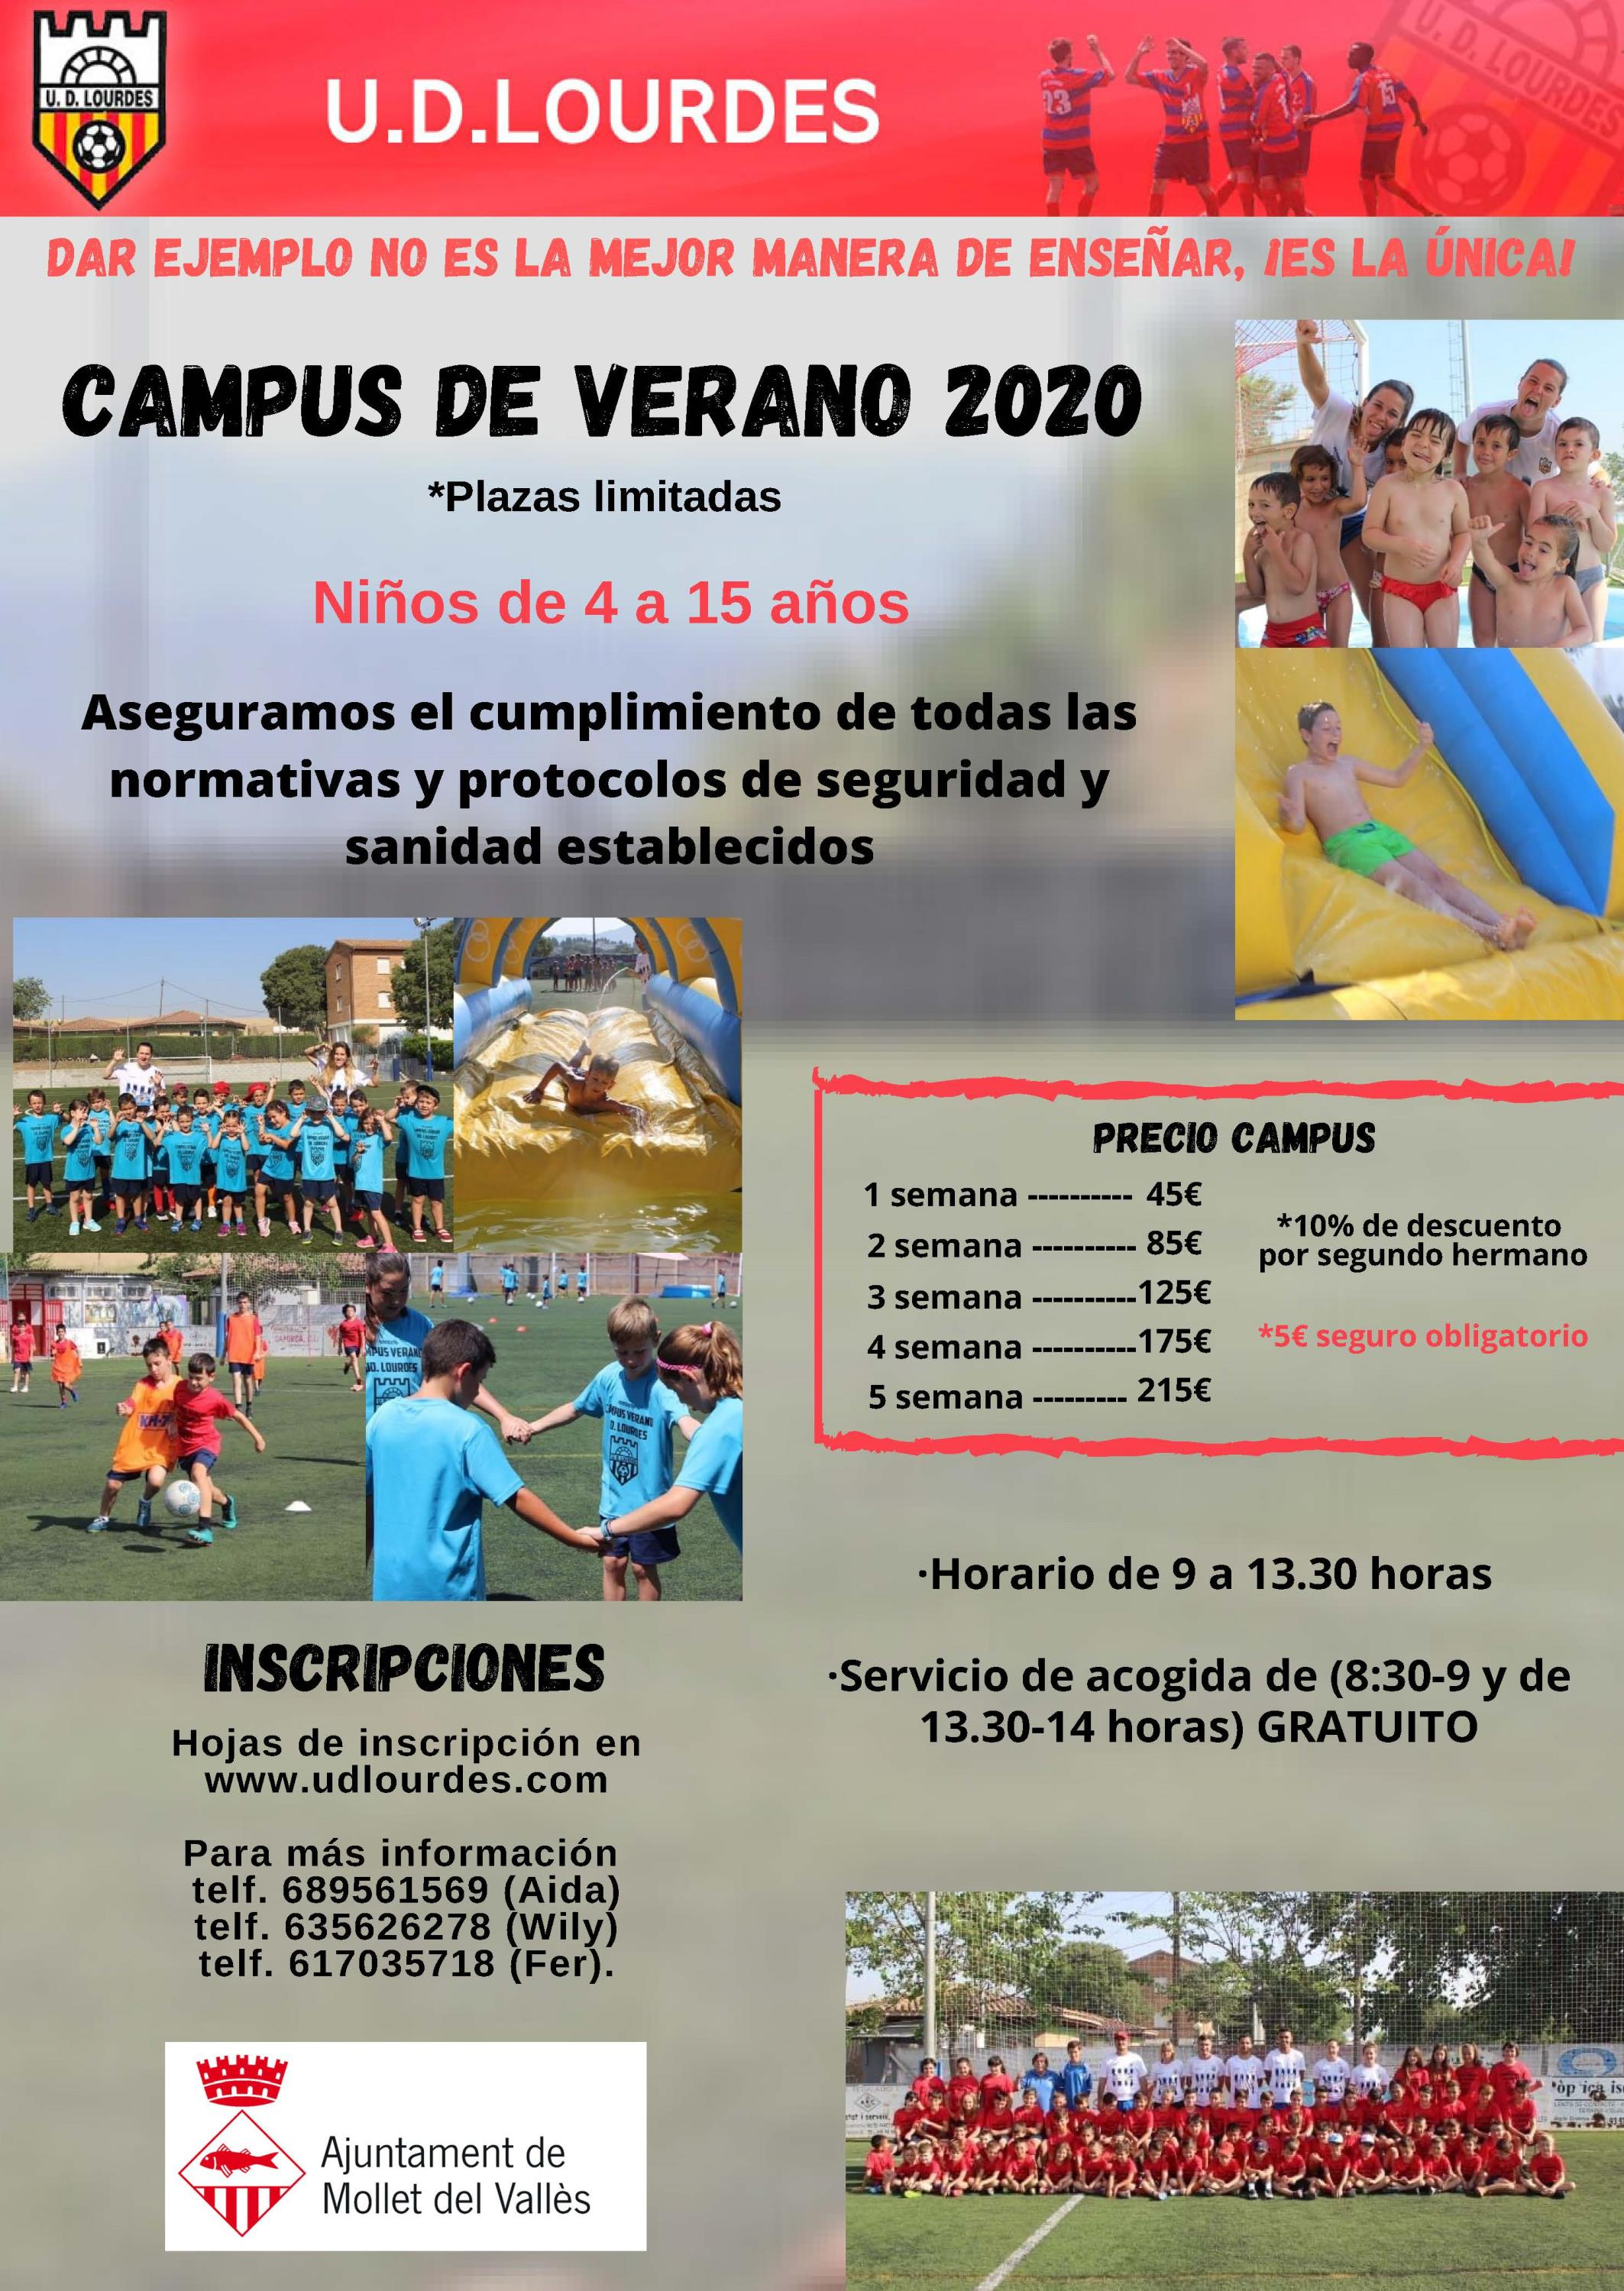 CAMPUS DE VERANO 2020 ESPECIAL CORONAVIRUS